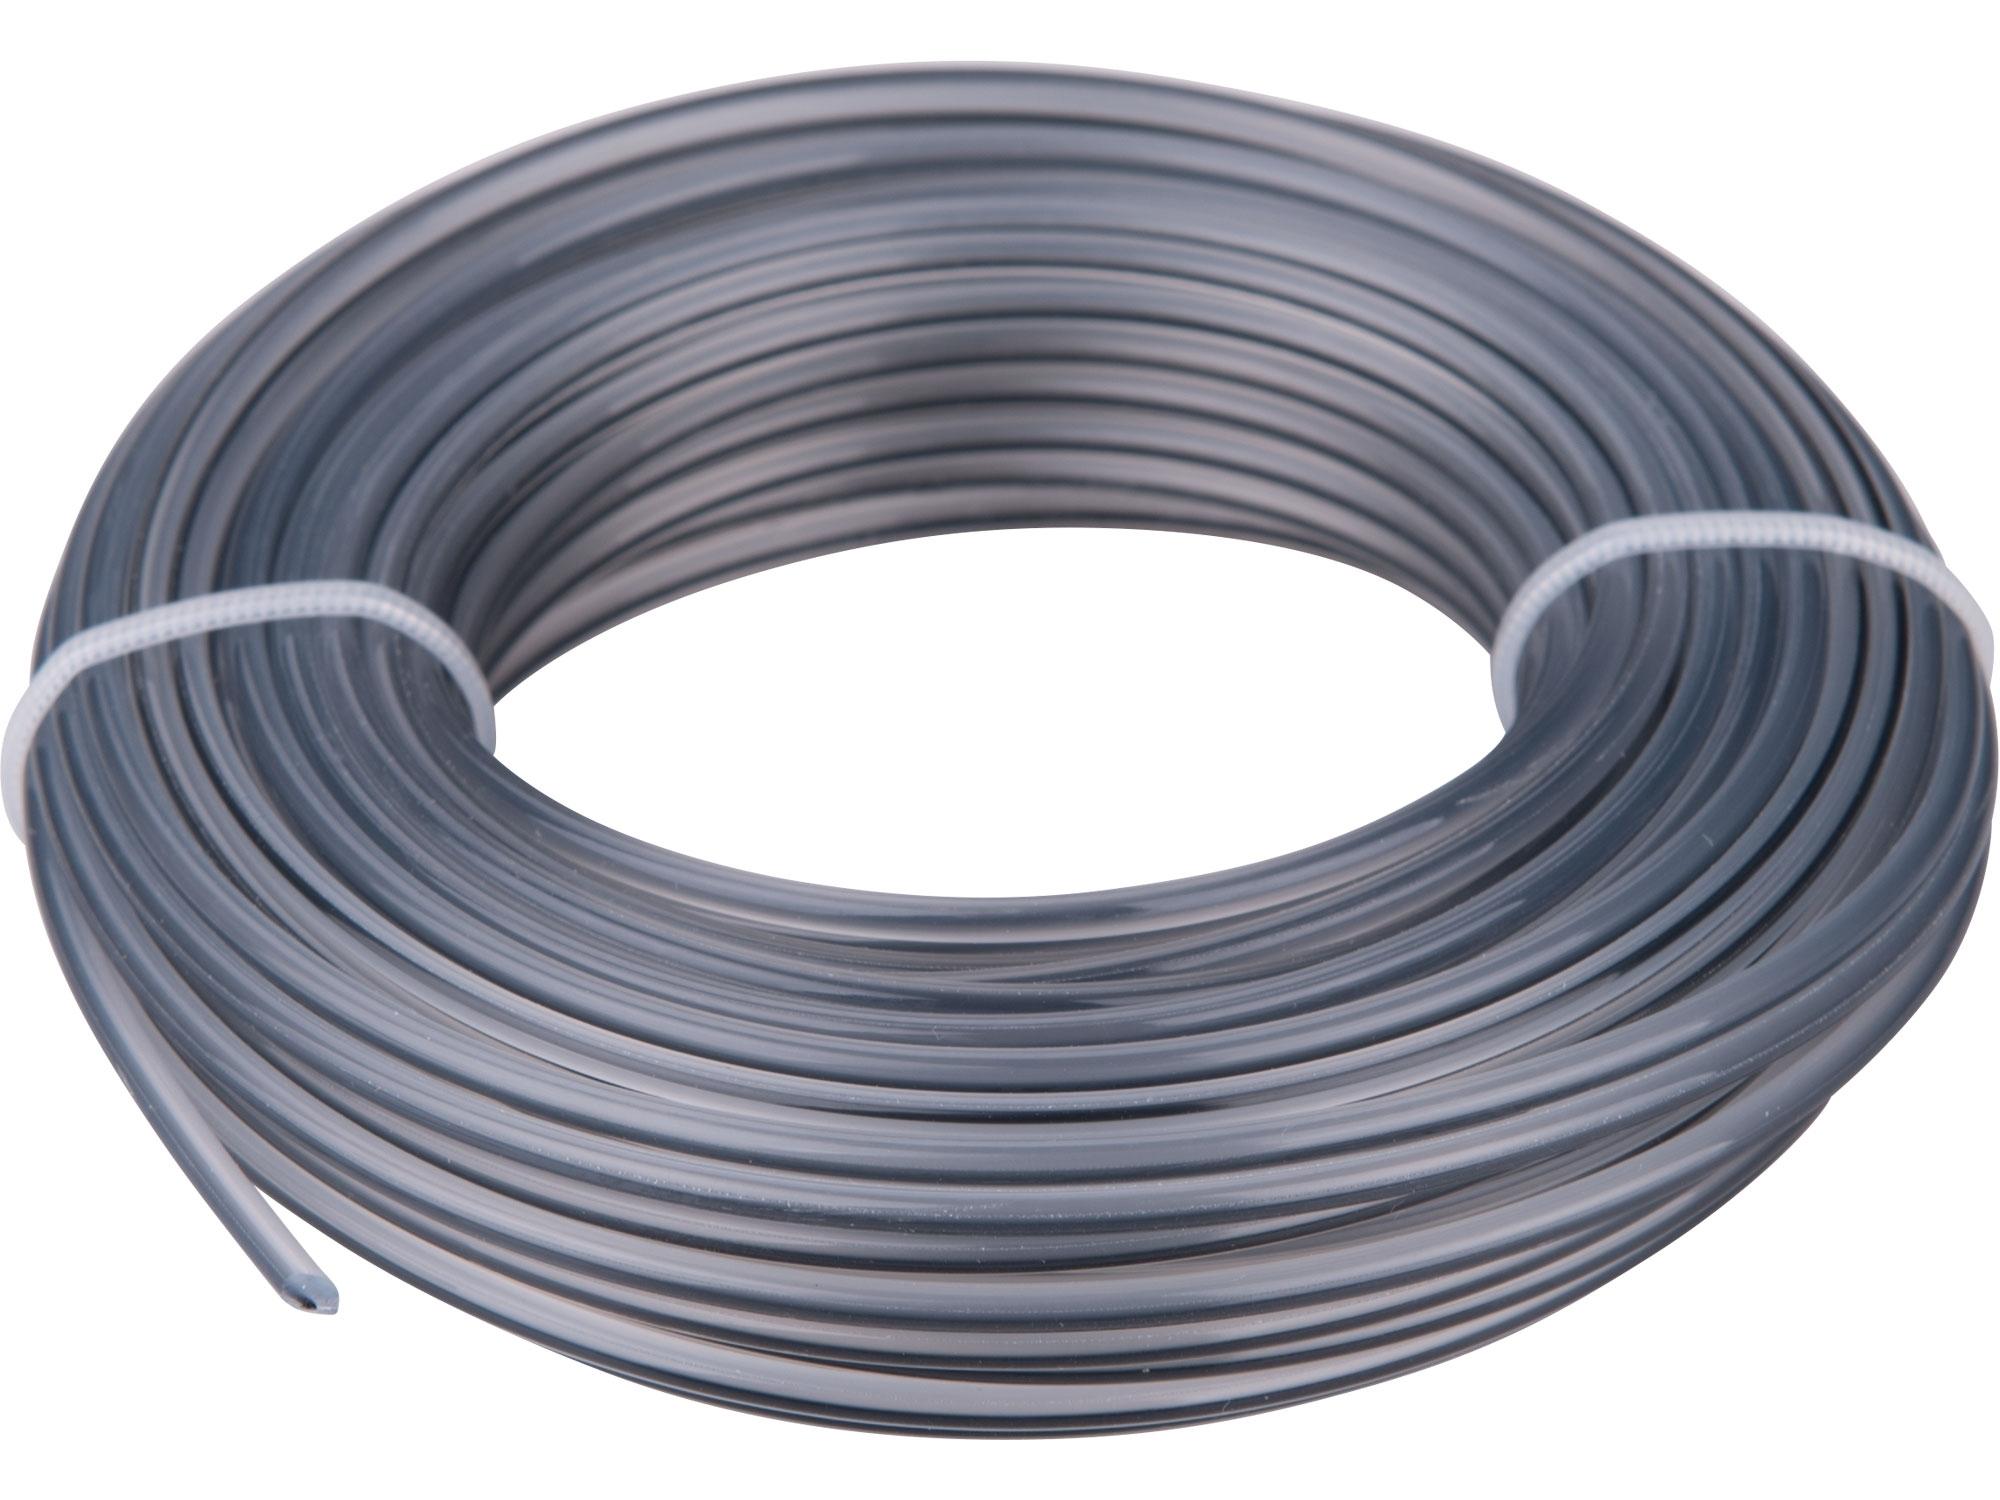 žací struna do sekačky s jádrem, kruhový profil, 2,4mm, 15m, PA66